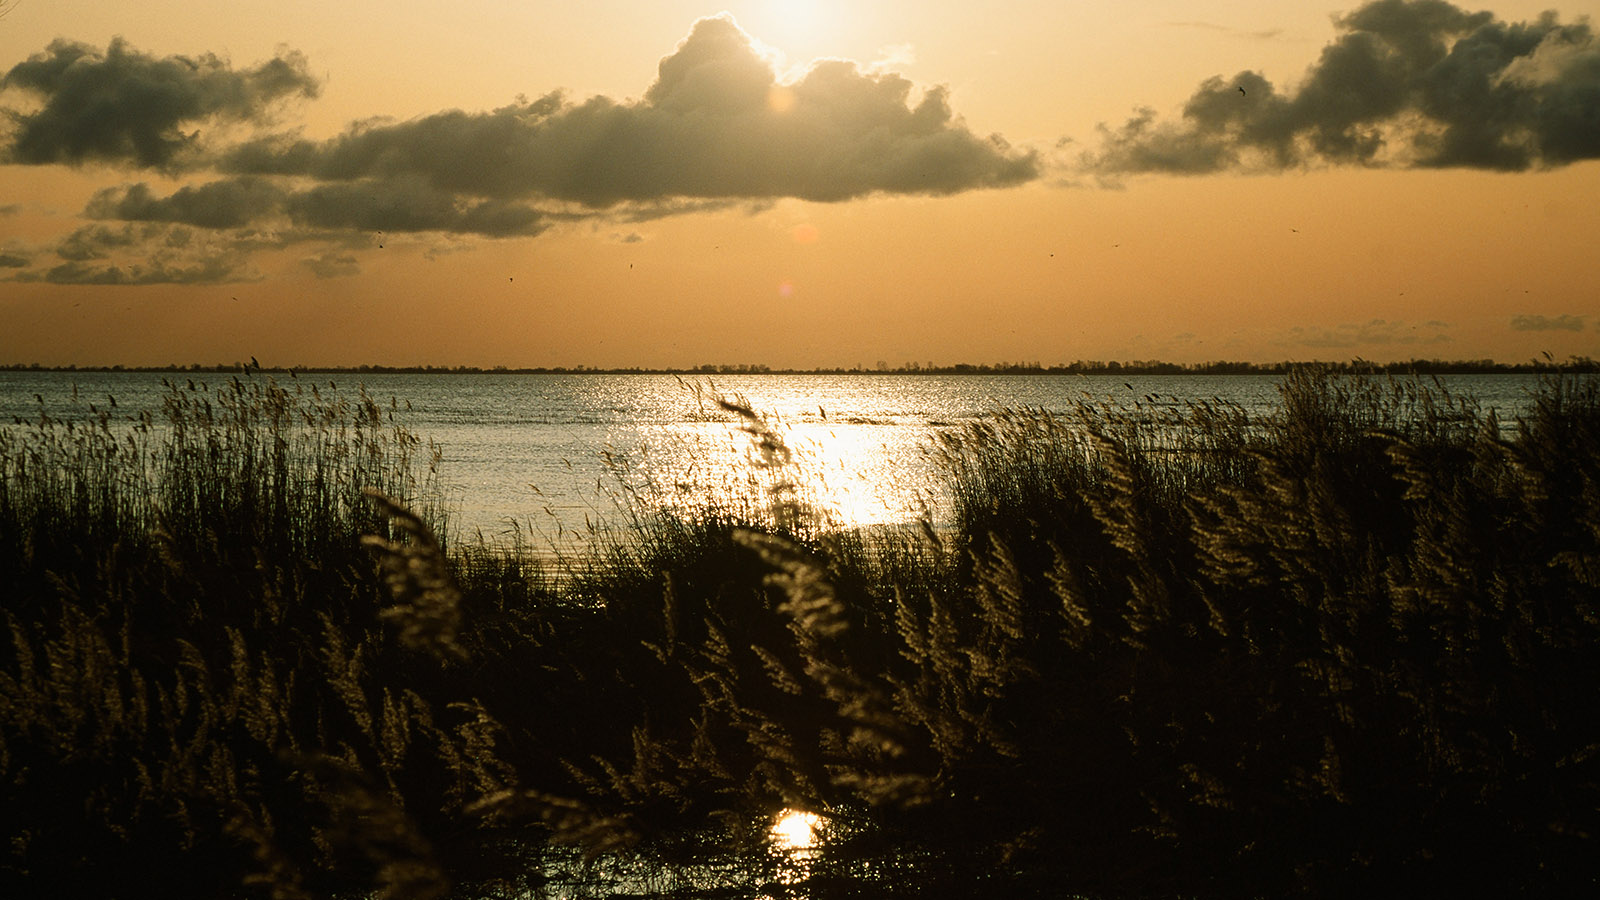 Wildes Mecklenburg: Ahrenshoop, Sonnenuntergang am Bodden. Foto: Hilke Maunder